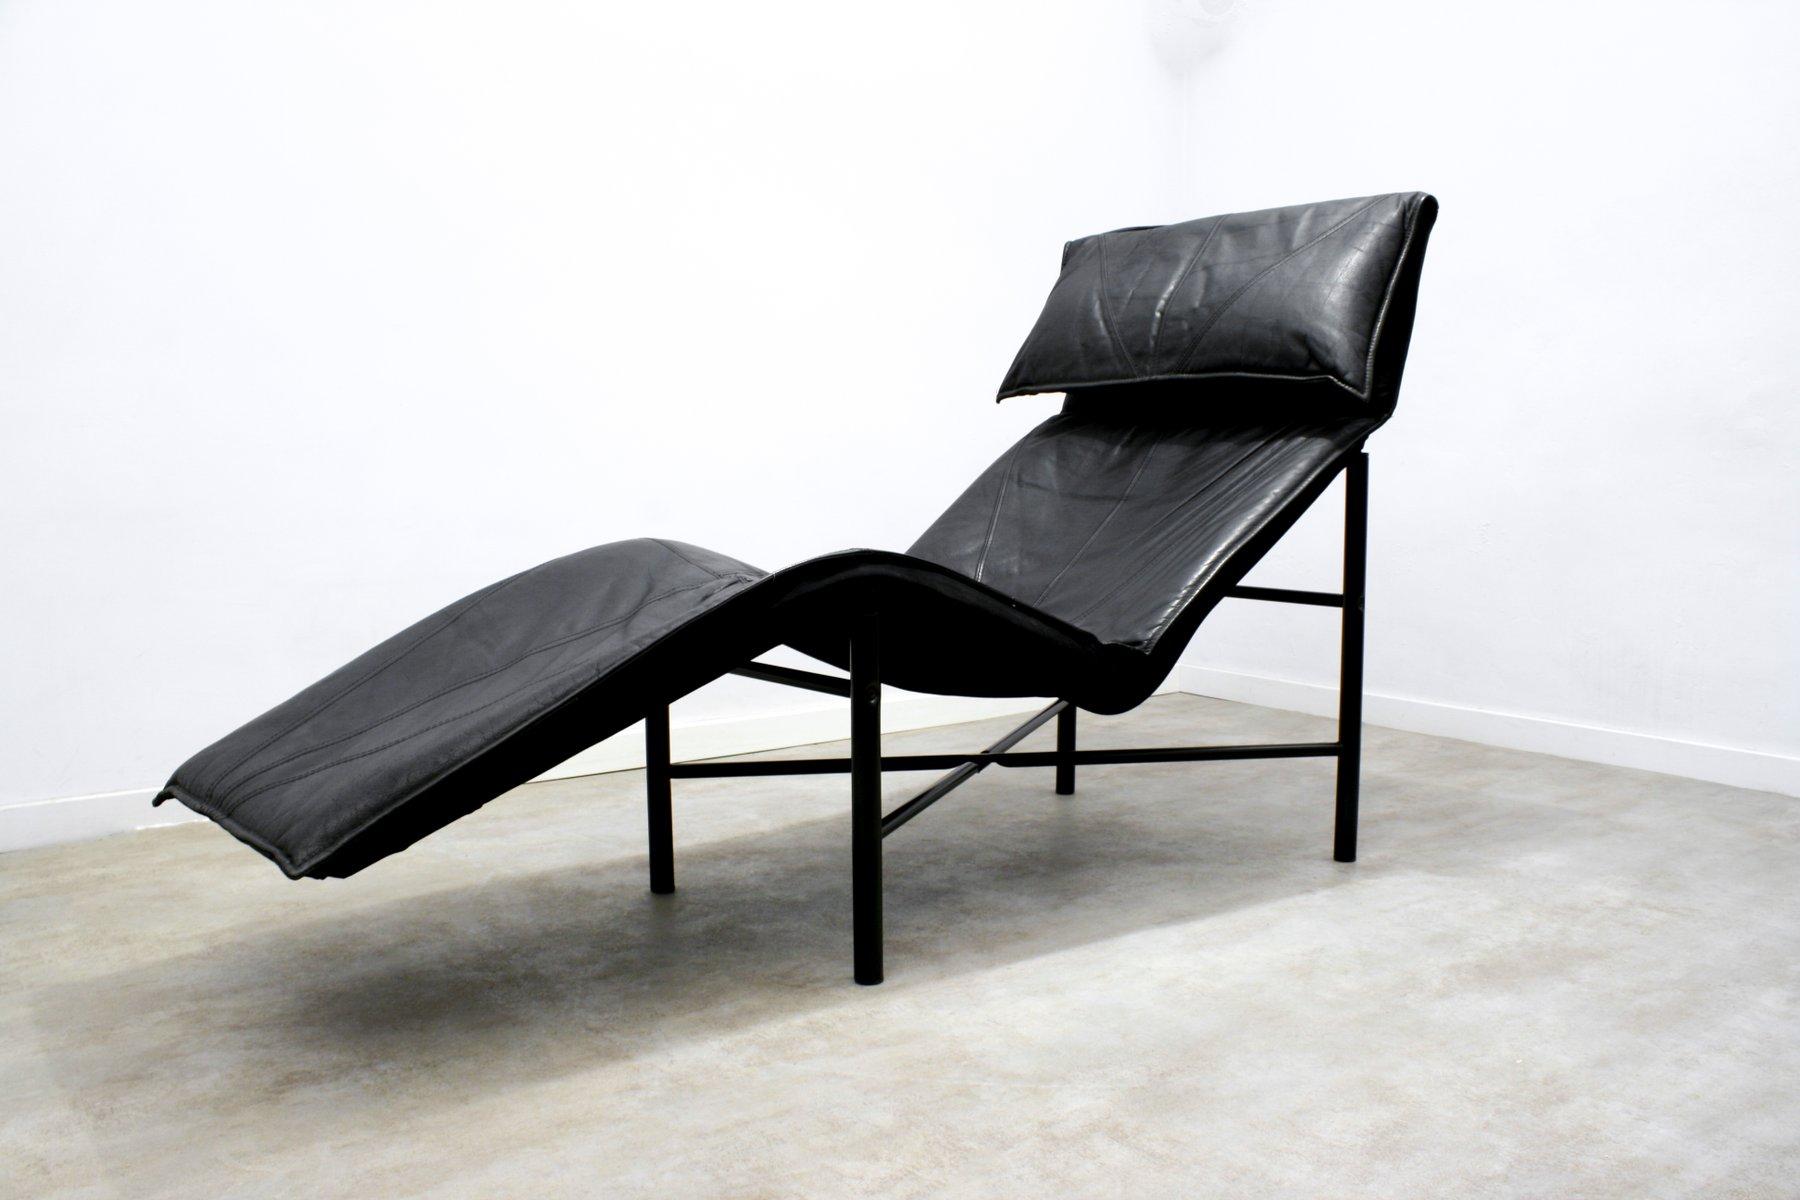 chaise longue skye en cuir noir par tord bj rklund pour ikea 1980s en vente sur pamono